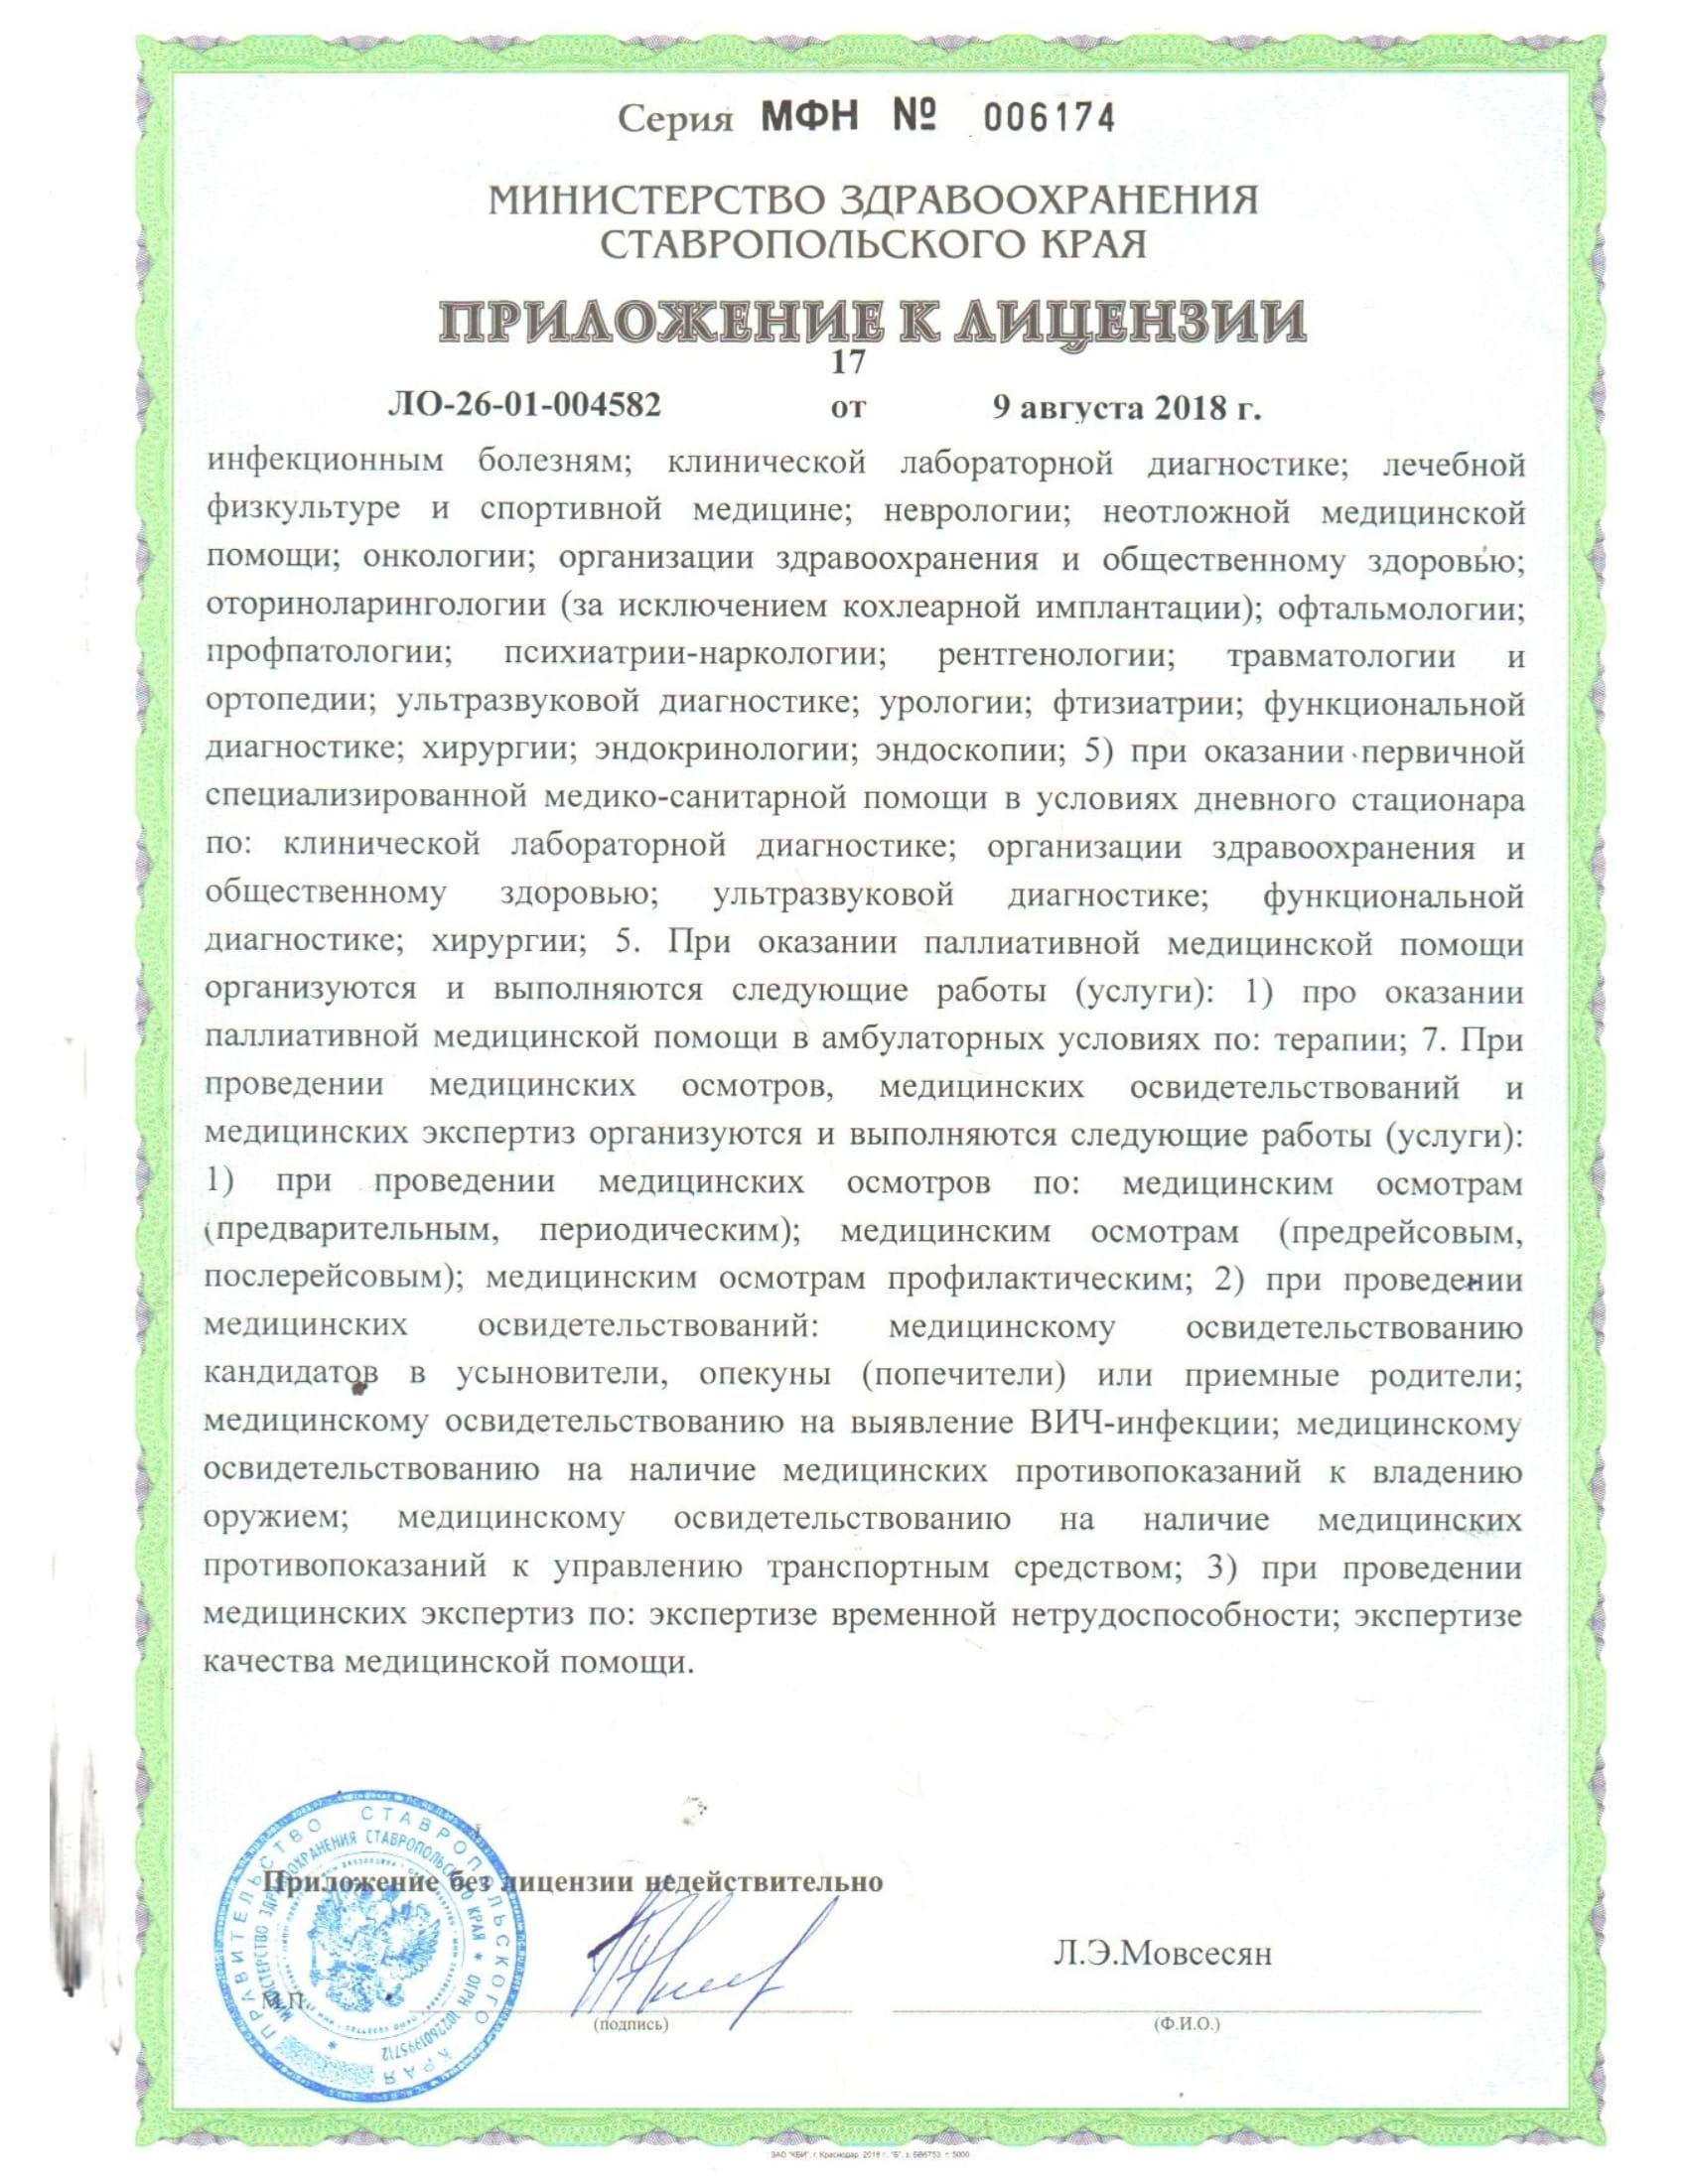 лицензия 2018 от 09.08.2018-24